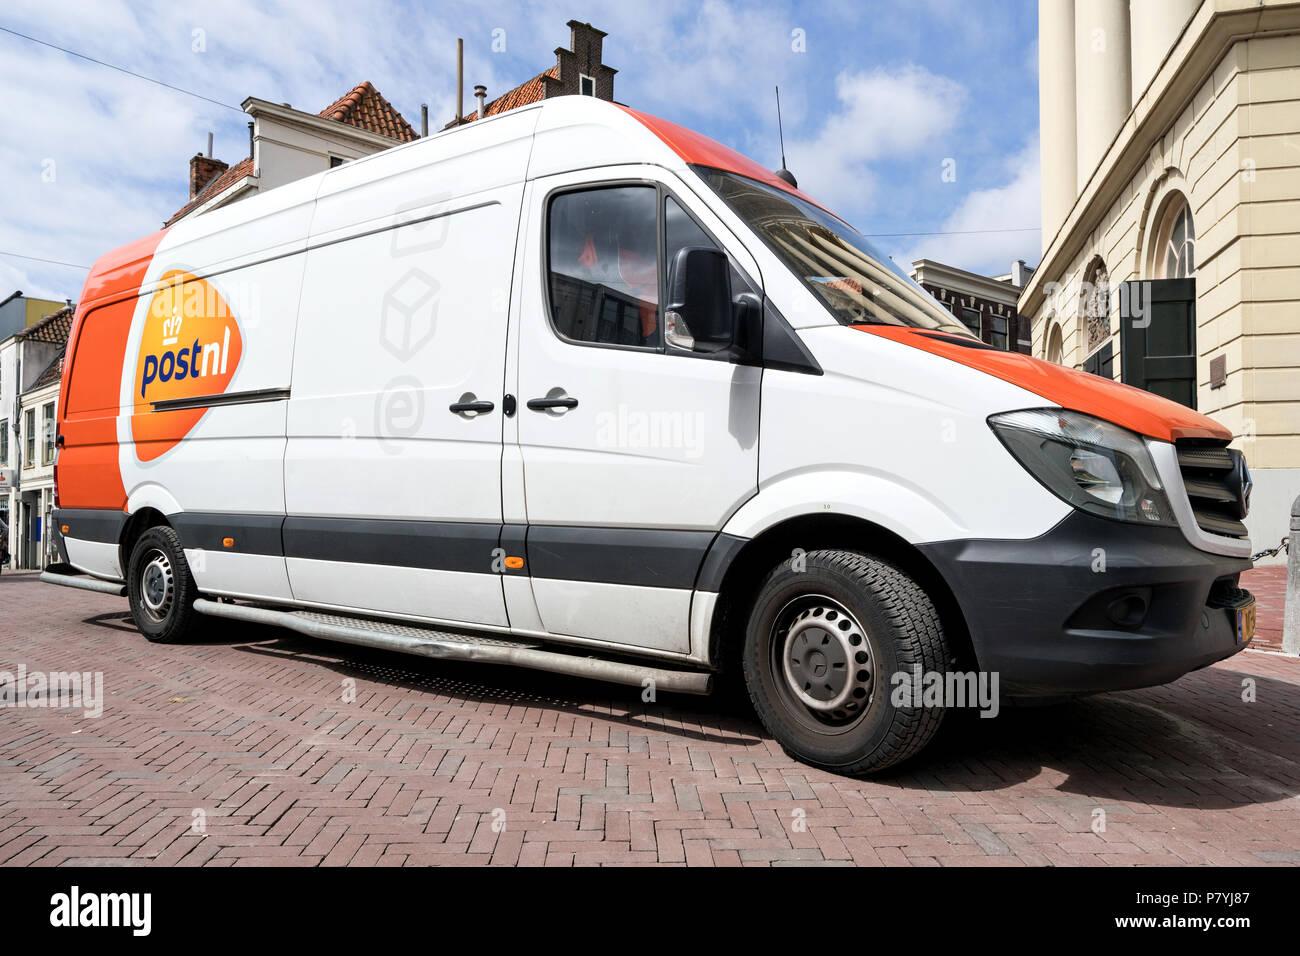 Y Van Postnl Liefern Postnl Ist Ein Brief Paket Und E Commerce